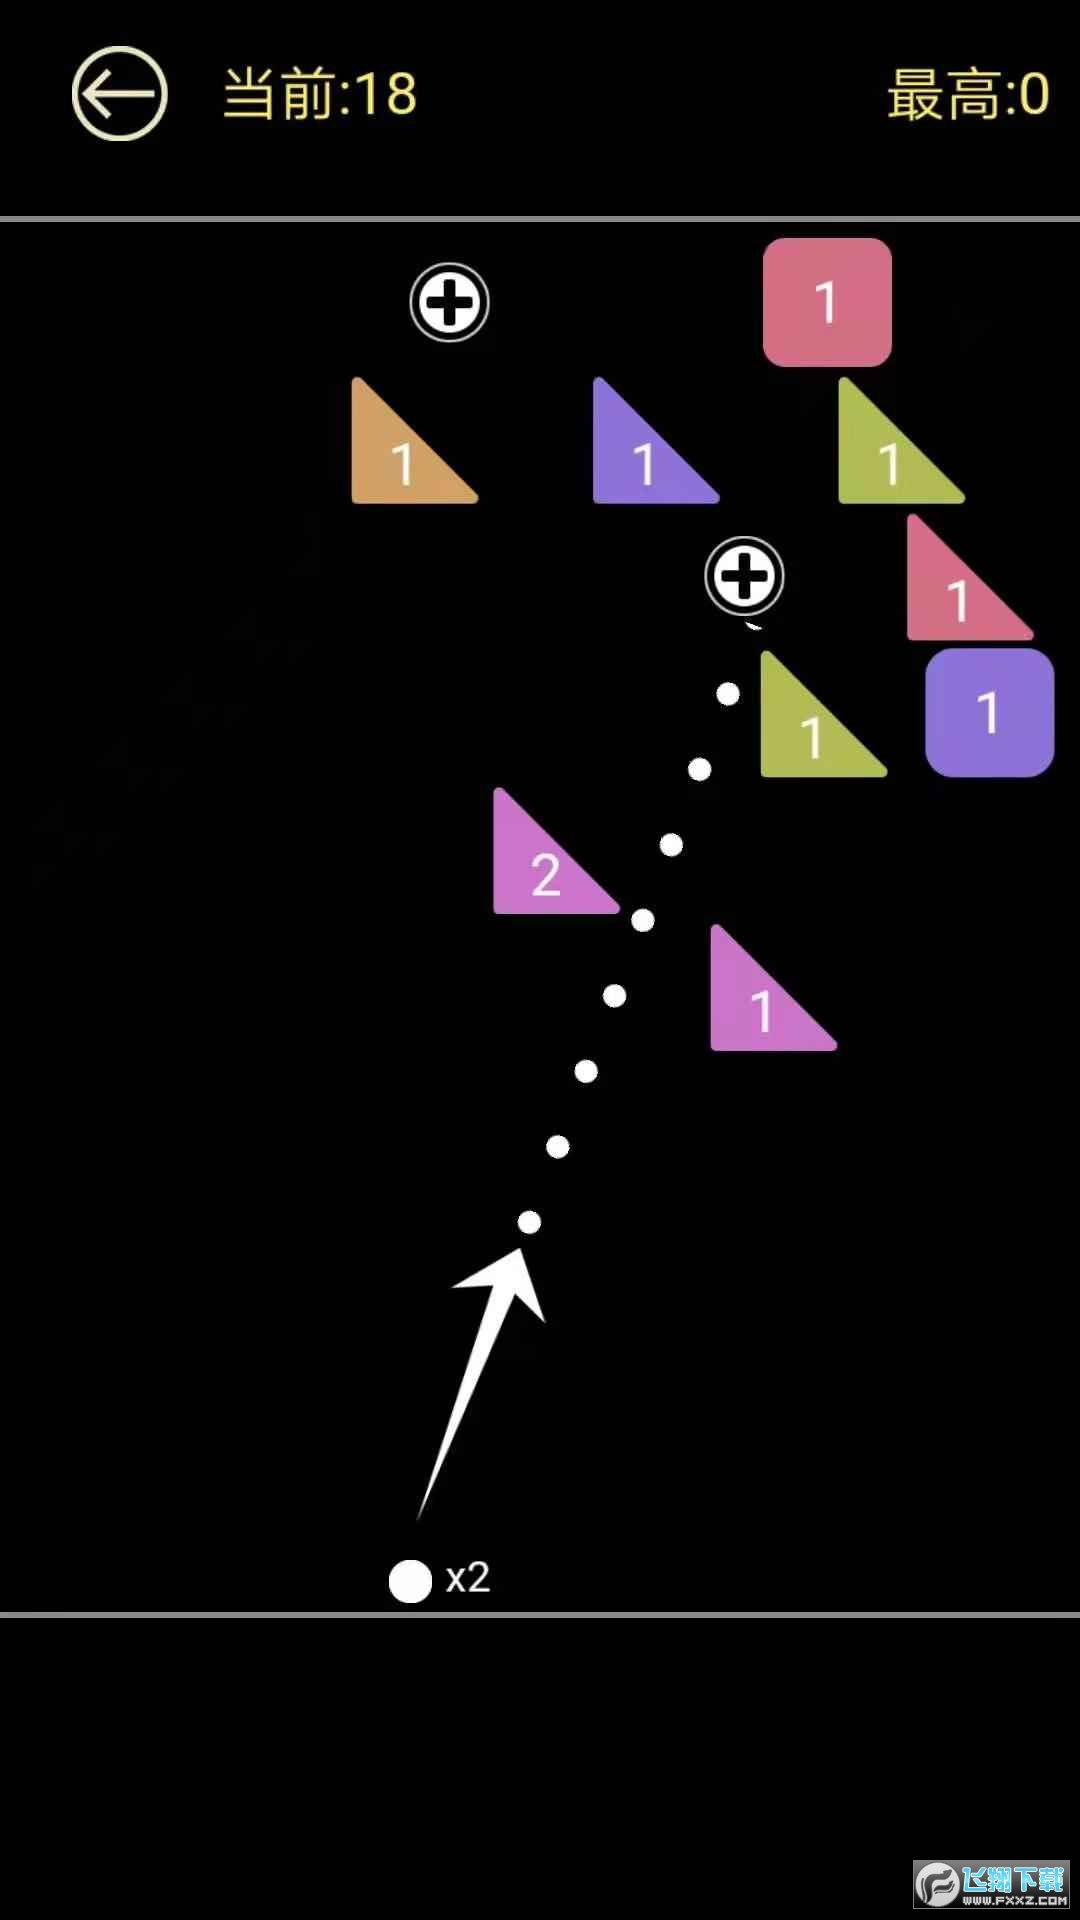 游酷弹弹球游戏安卓版1.0.0官方版截图1